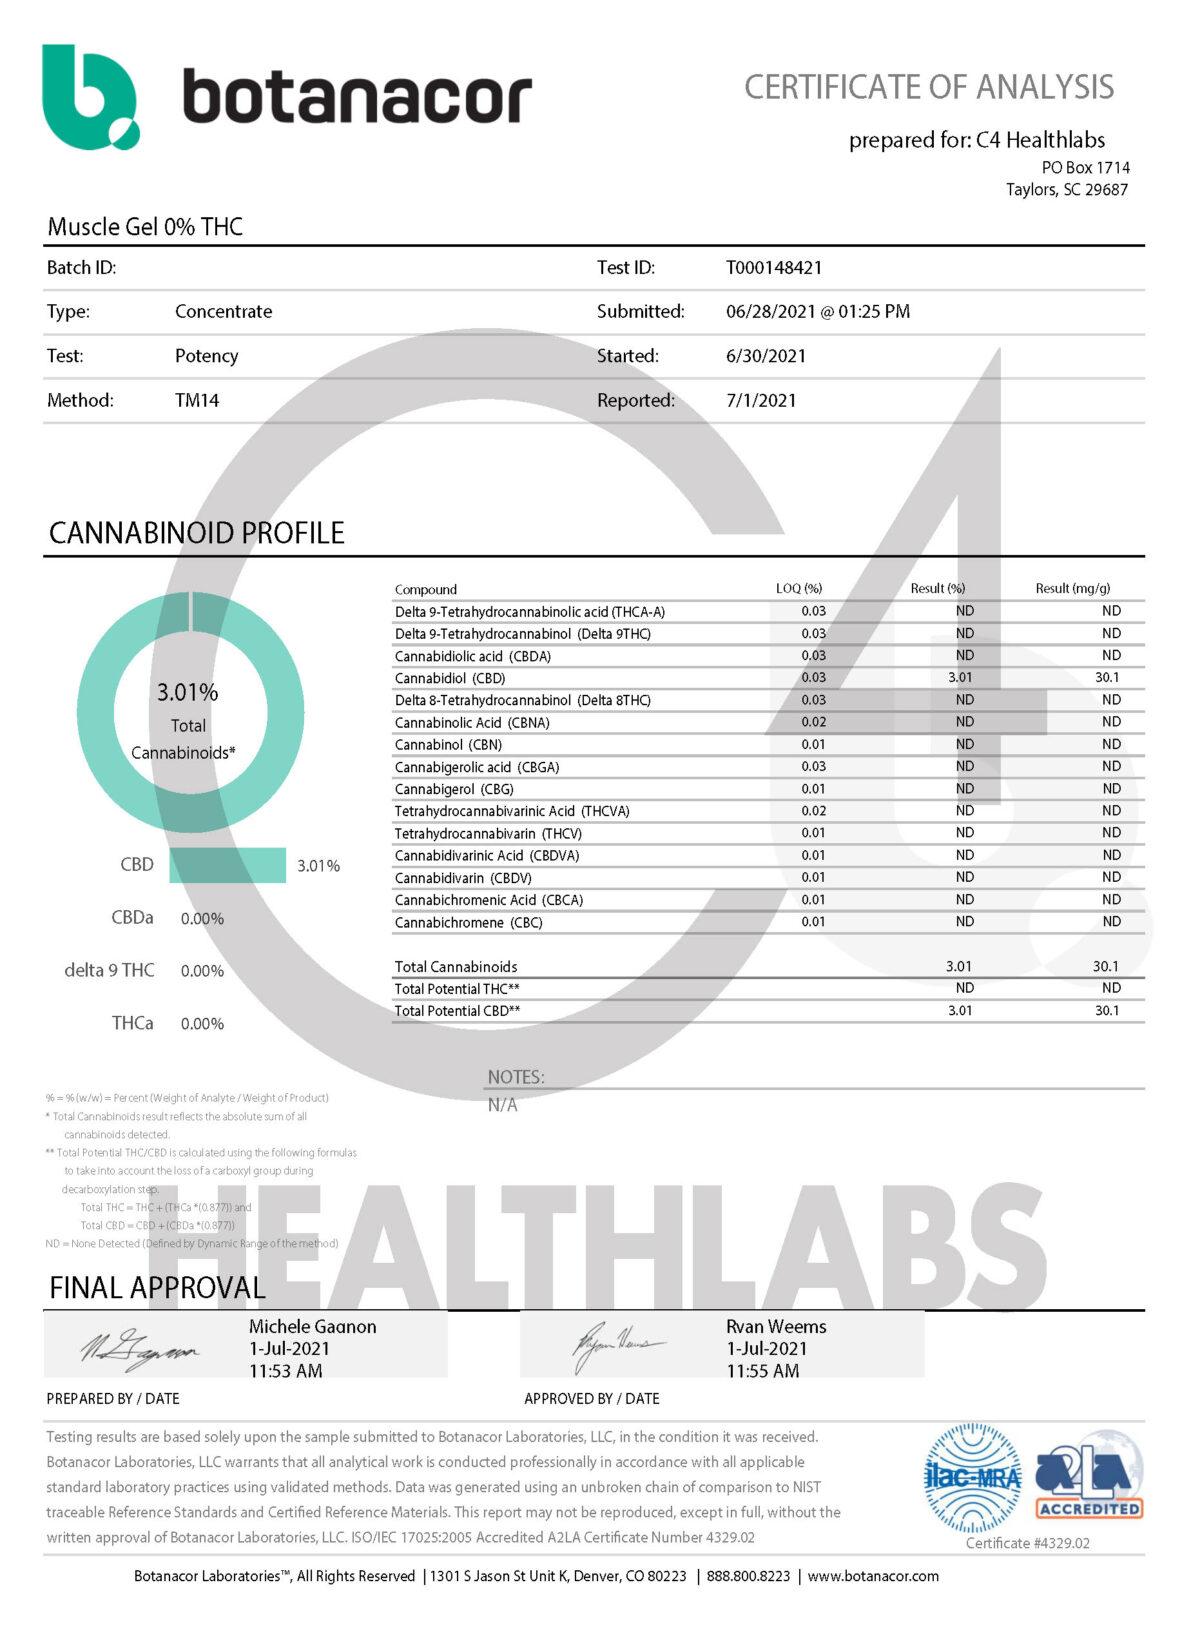 C4 Healthlabs Muscle Gel 0 THC COA